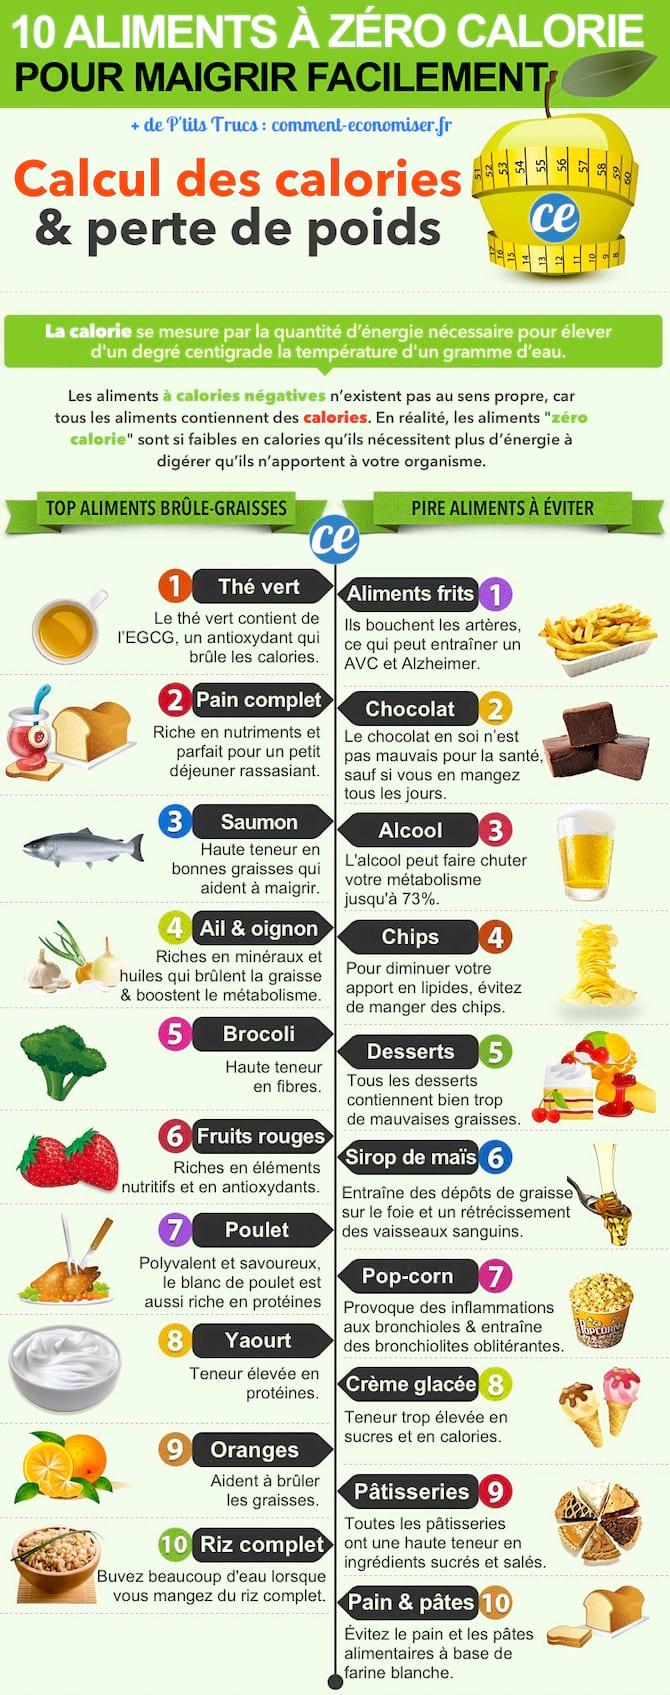 conseils pour brûler rapidement les graisses manger des boules de coton perte de poids